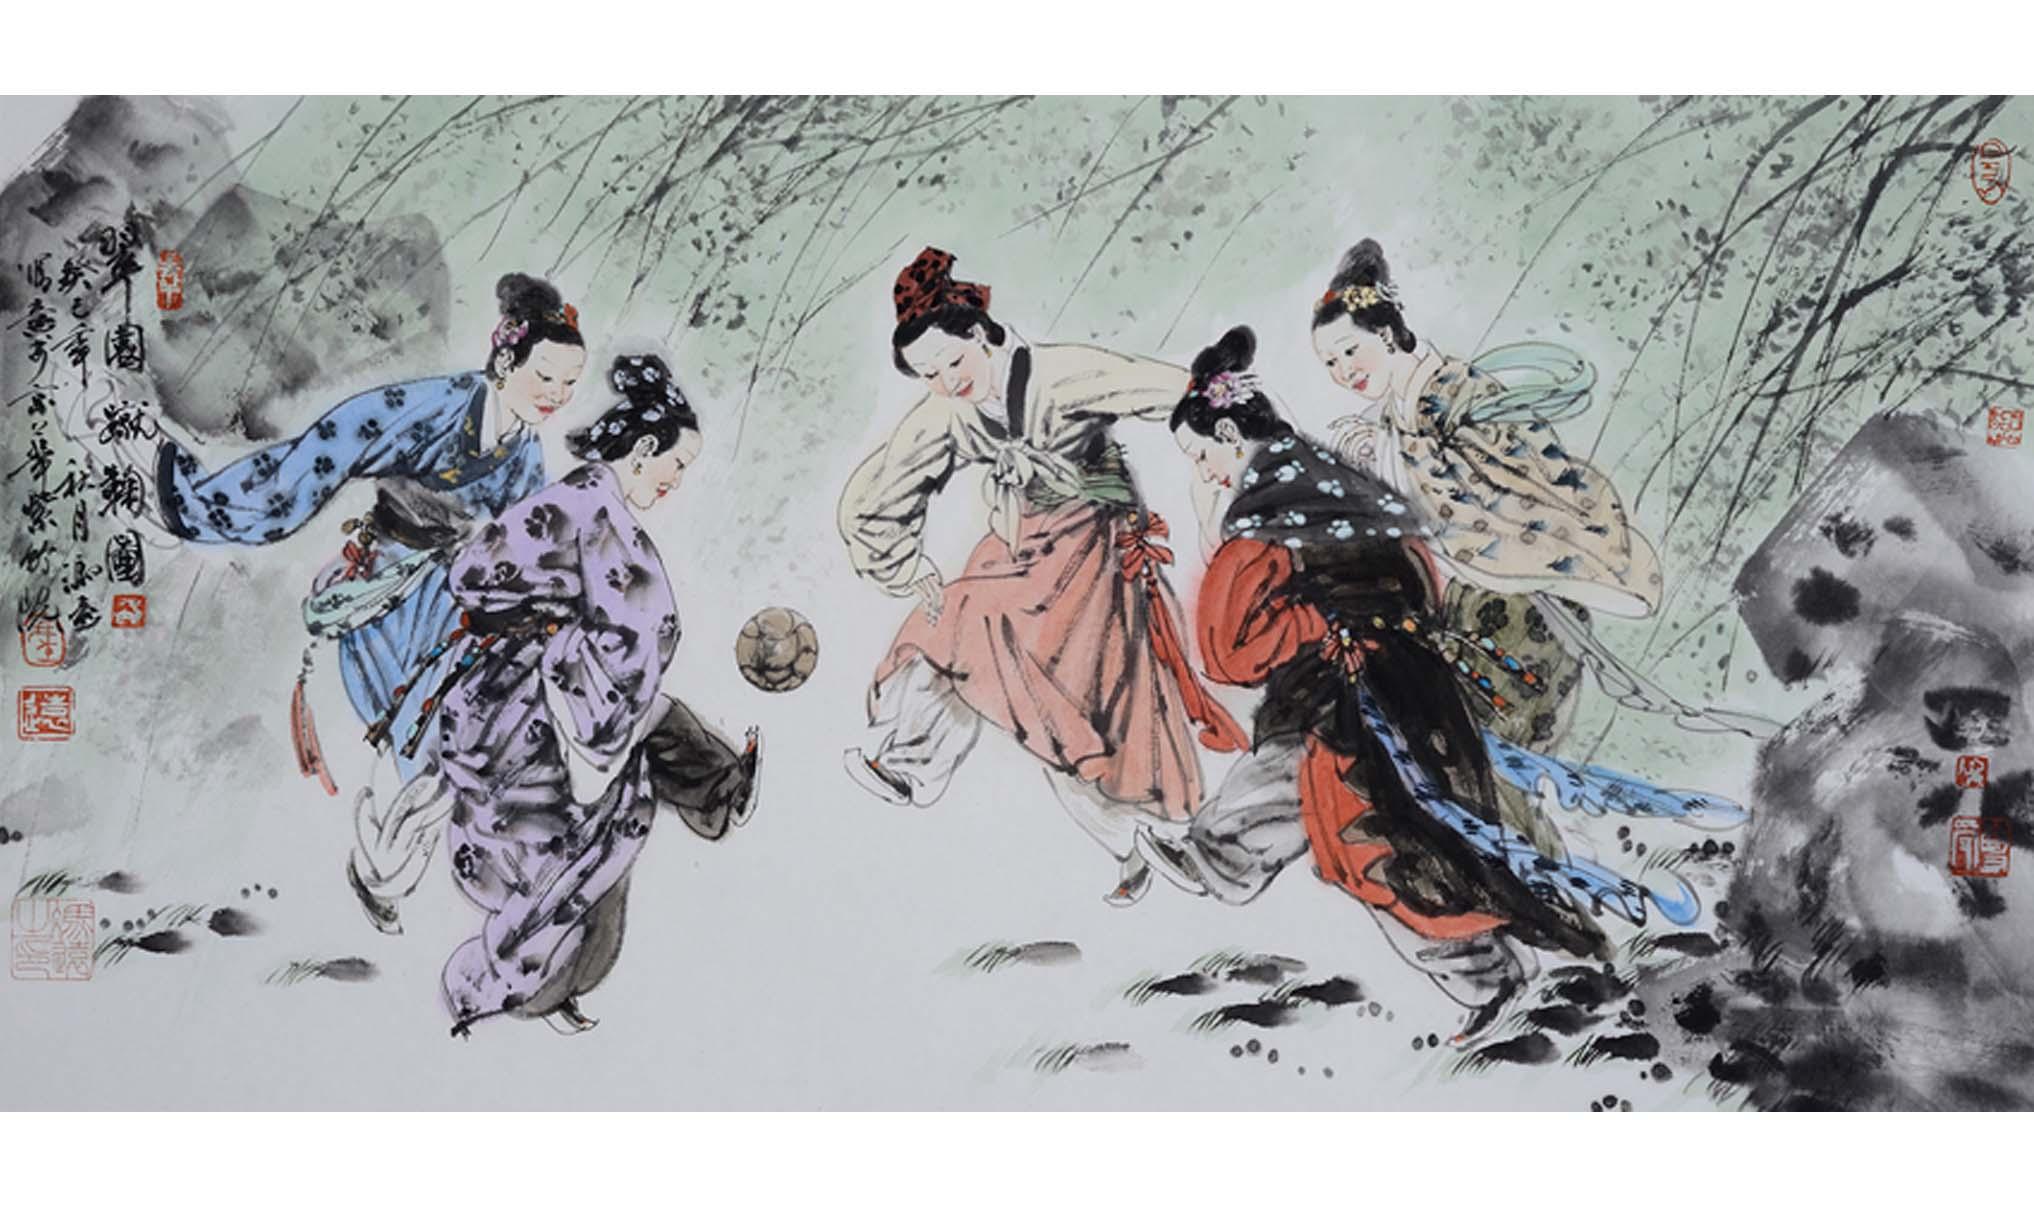 美人蹴鞠:古代女子足球队的绮丽风情